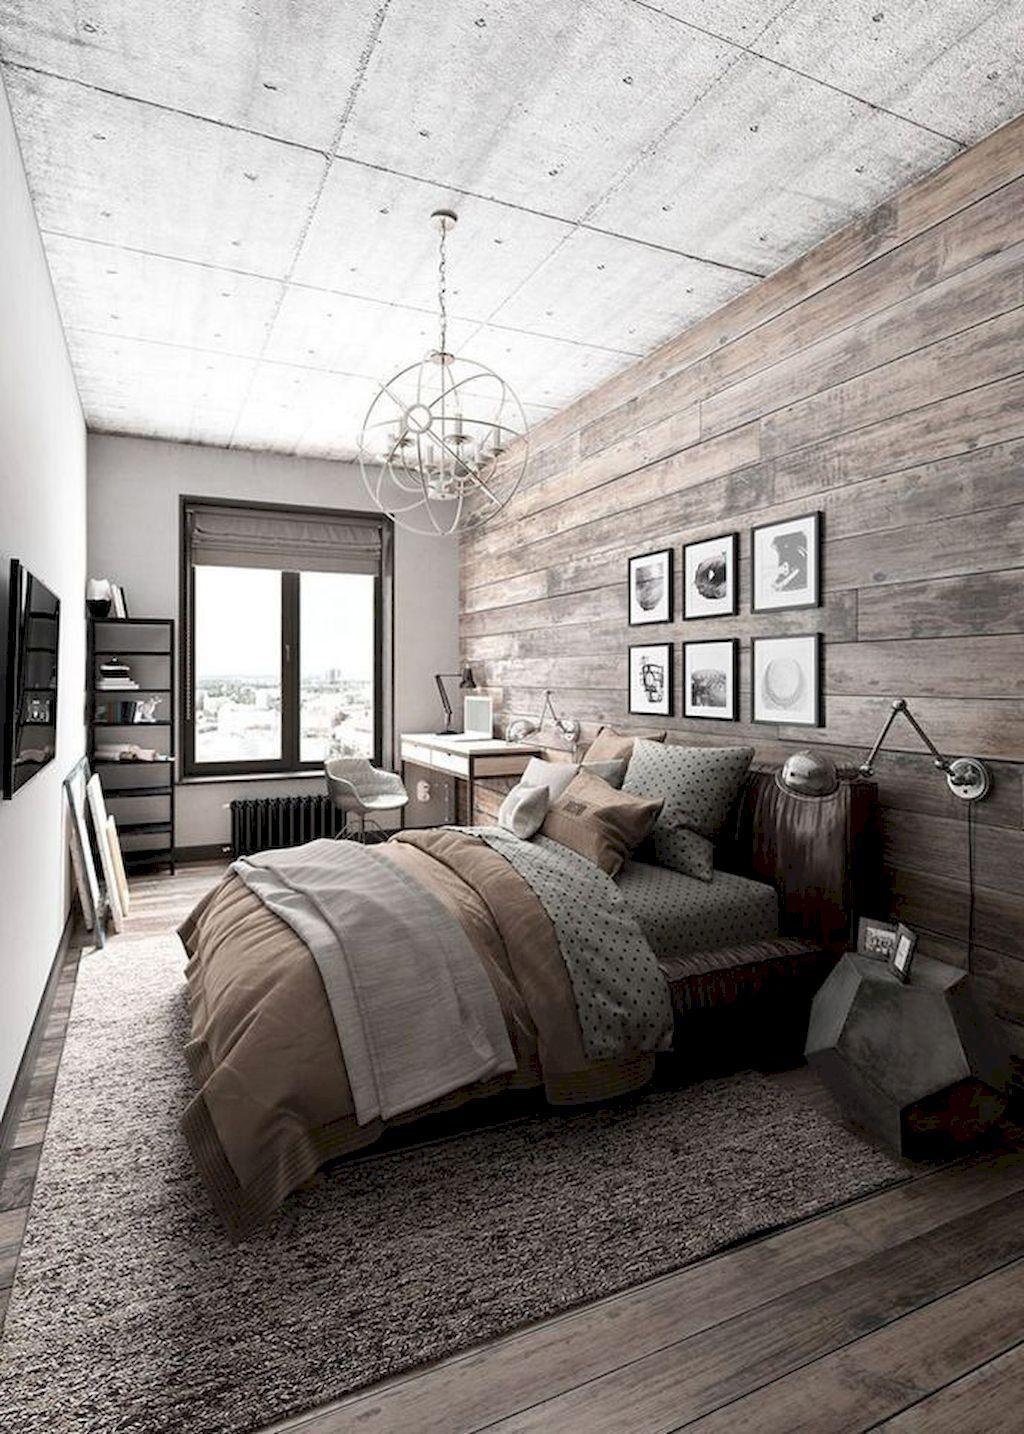 Épinglé par angela cooper sur bedroom | pinterest | chambres